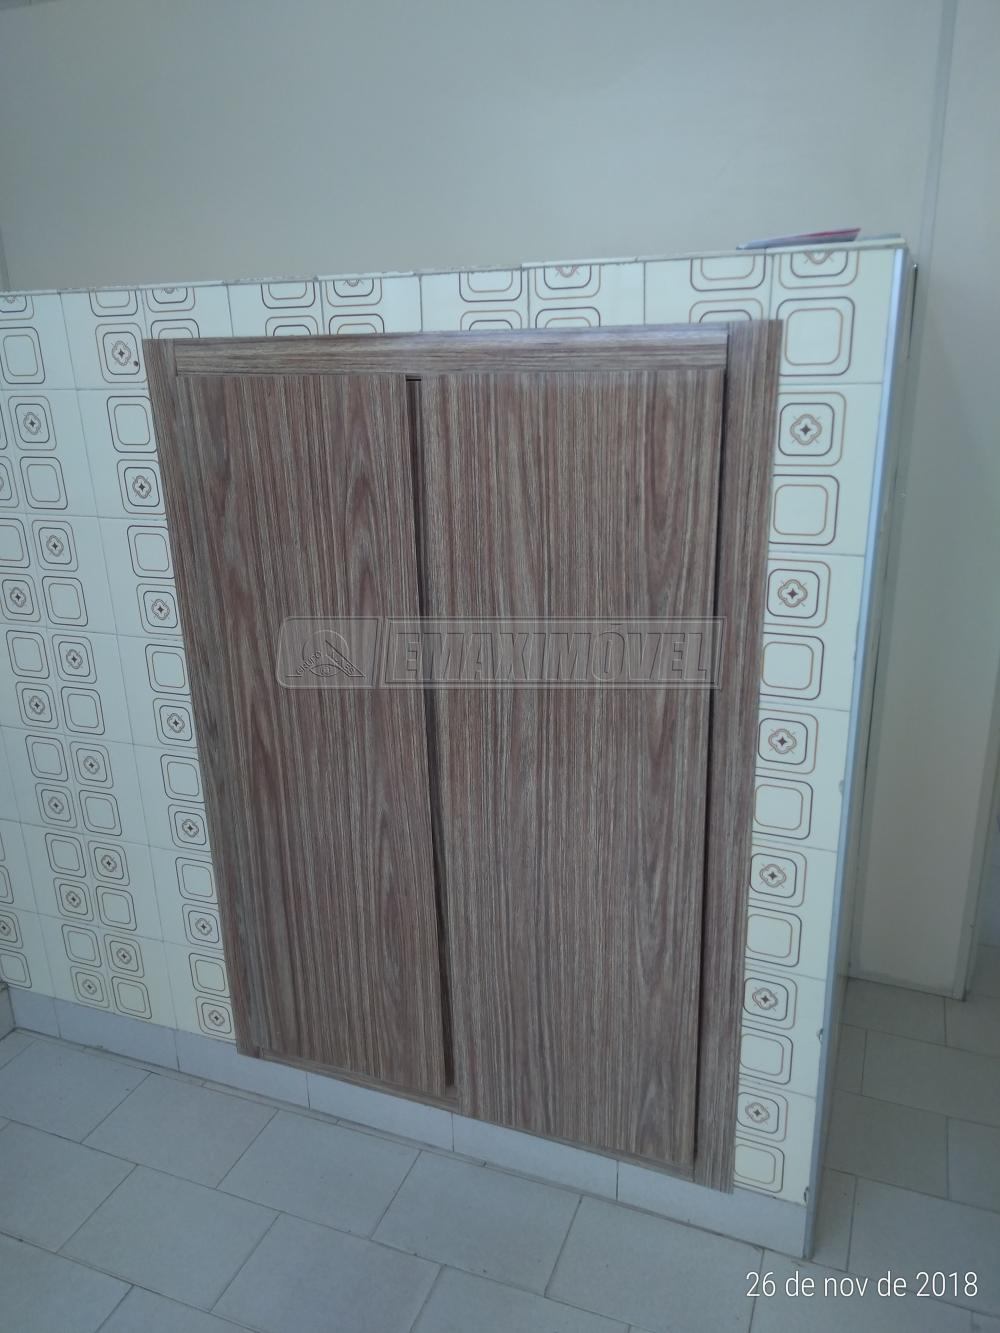 Alugar Casas / Comerciais em Sorocaba apenas R$ 3.000,00 - Foto 41